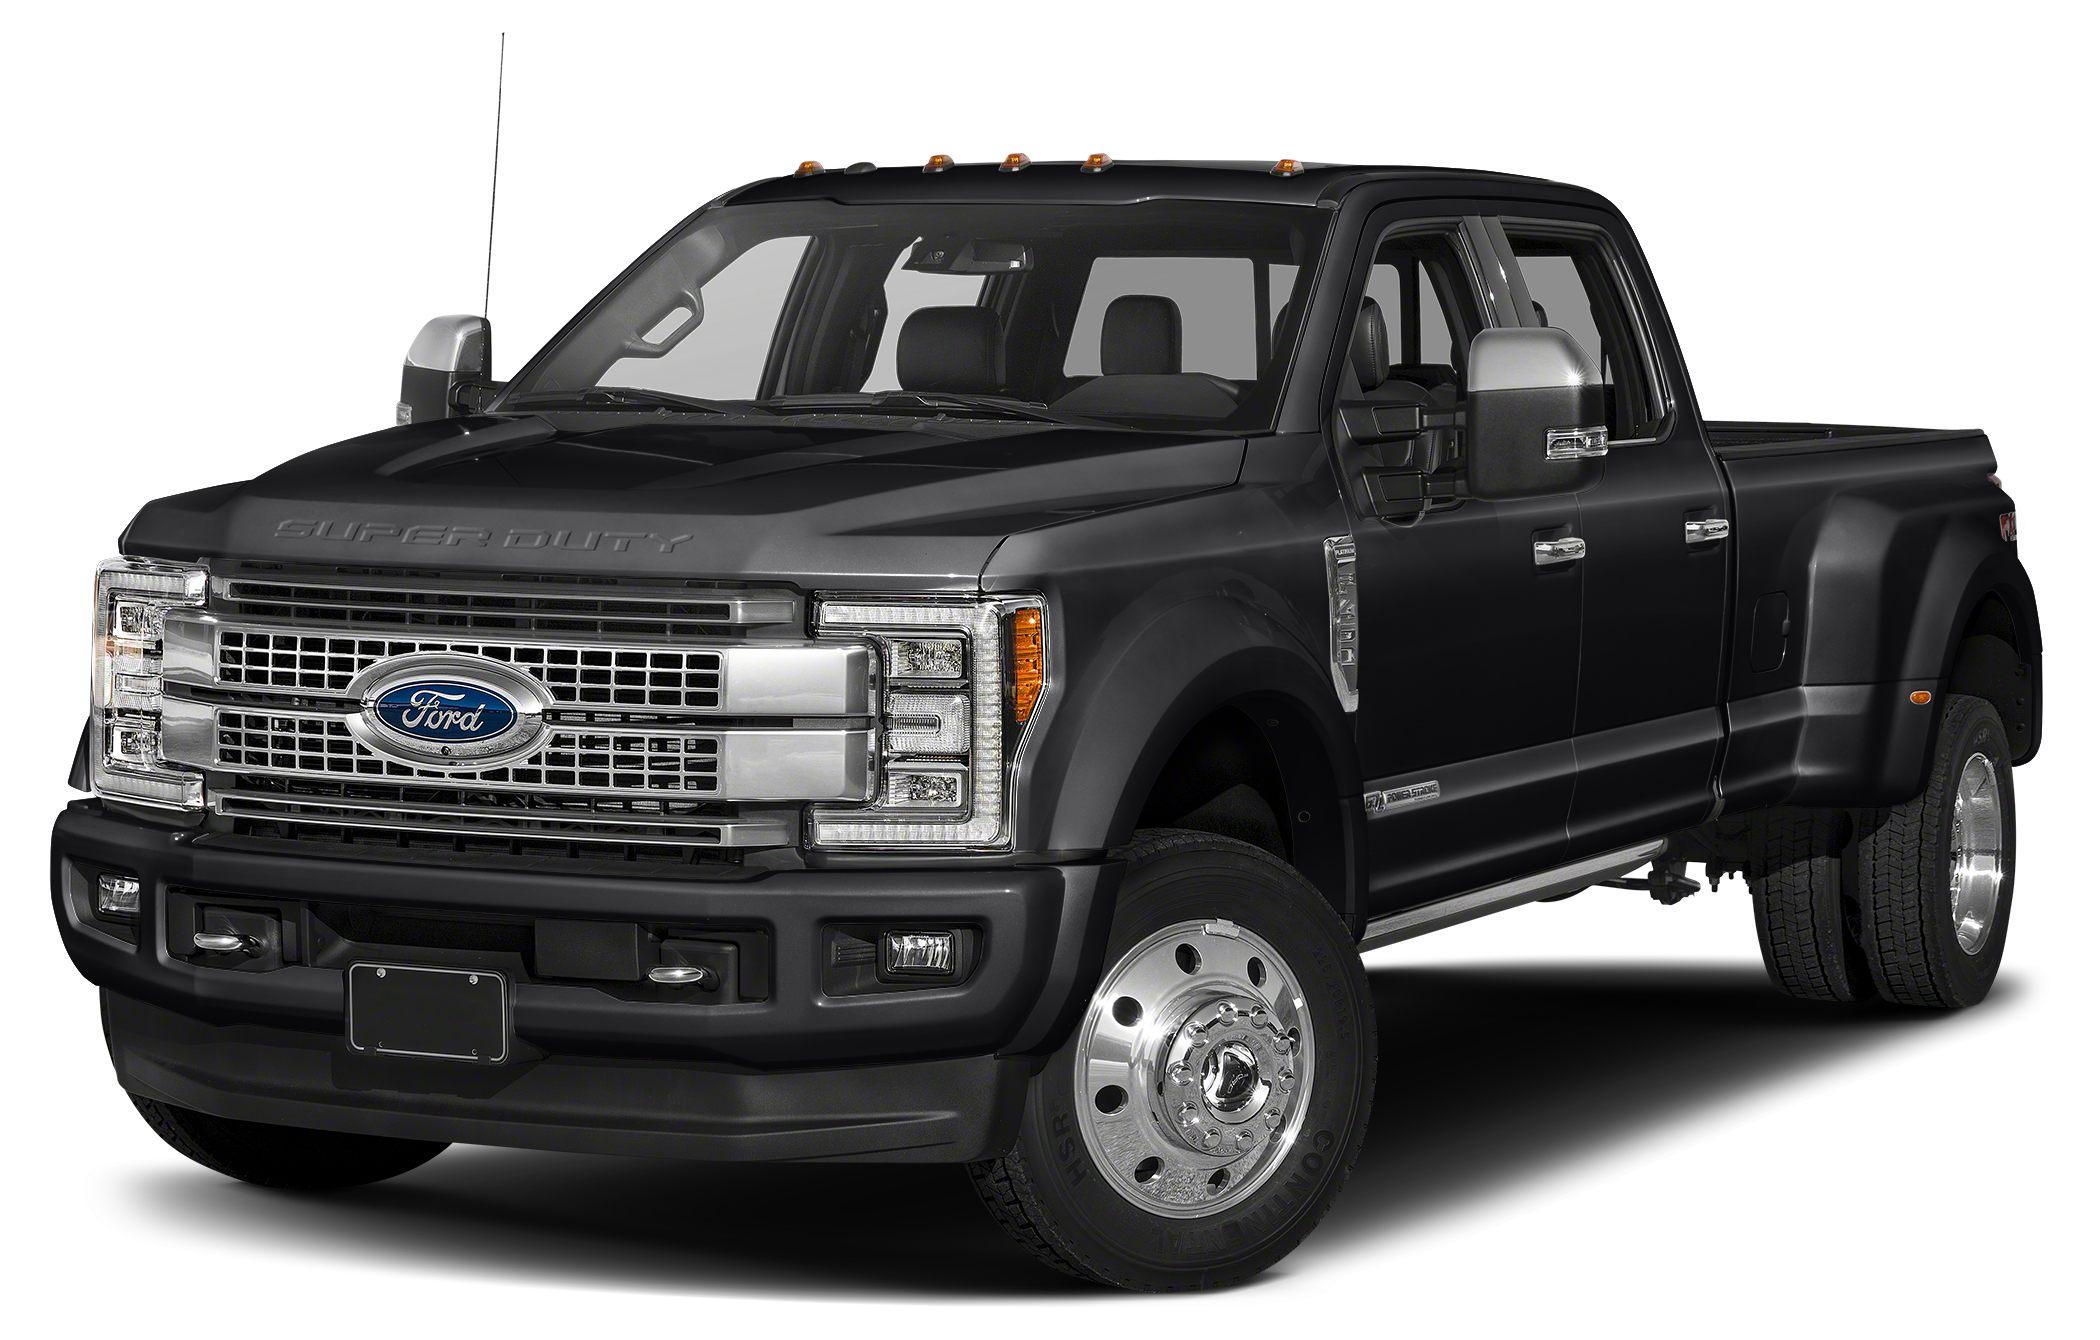 2017 Ford F-450 Platinum DRW Price includes 1250 - Ford Credit Retail Bonus Customer Cash 15